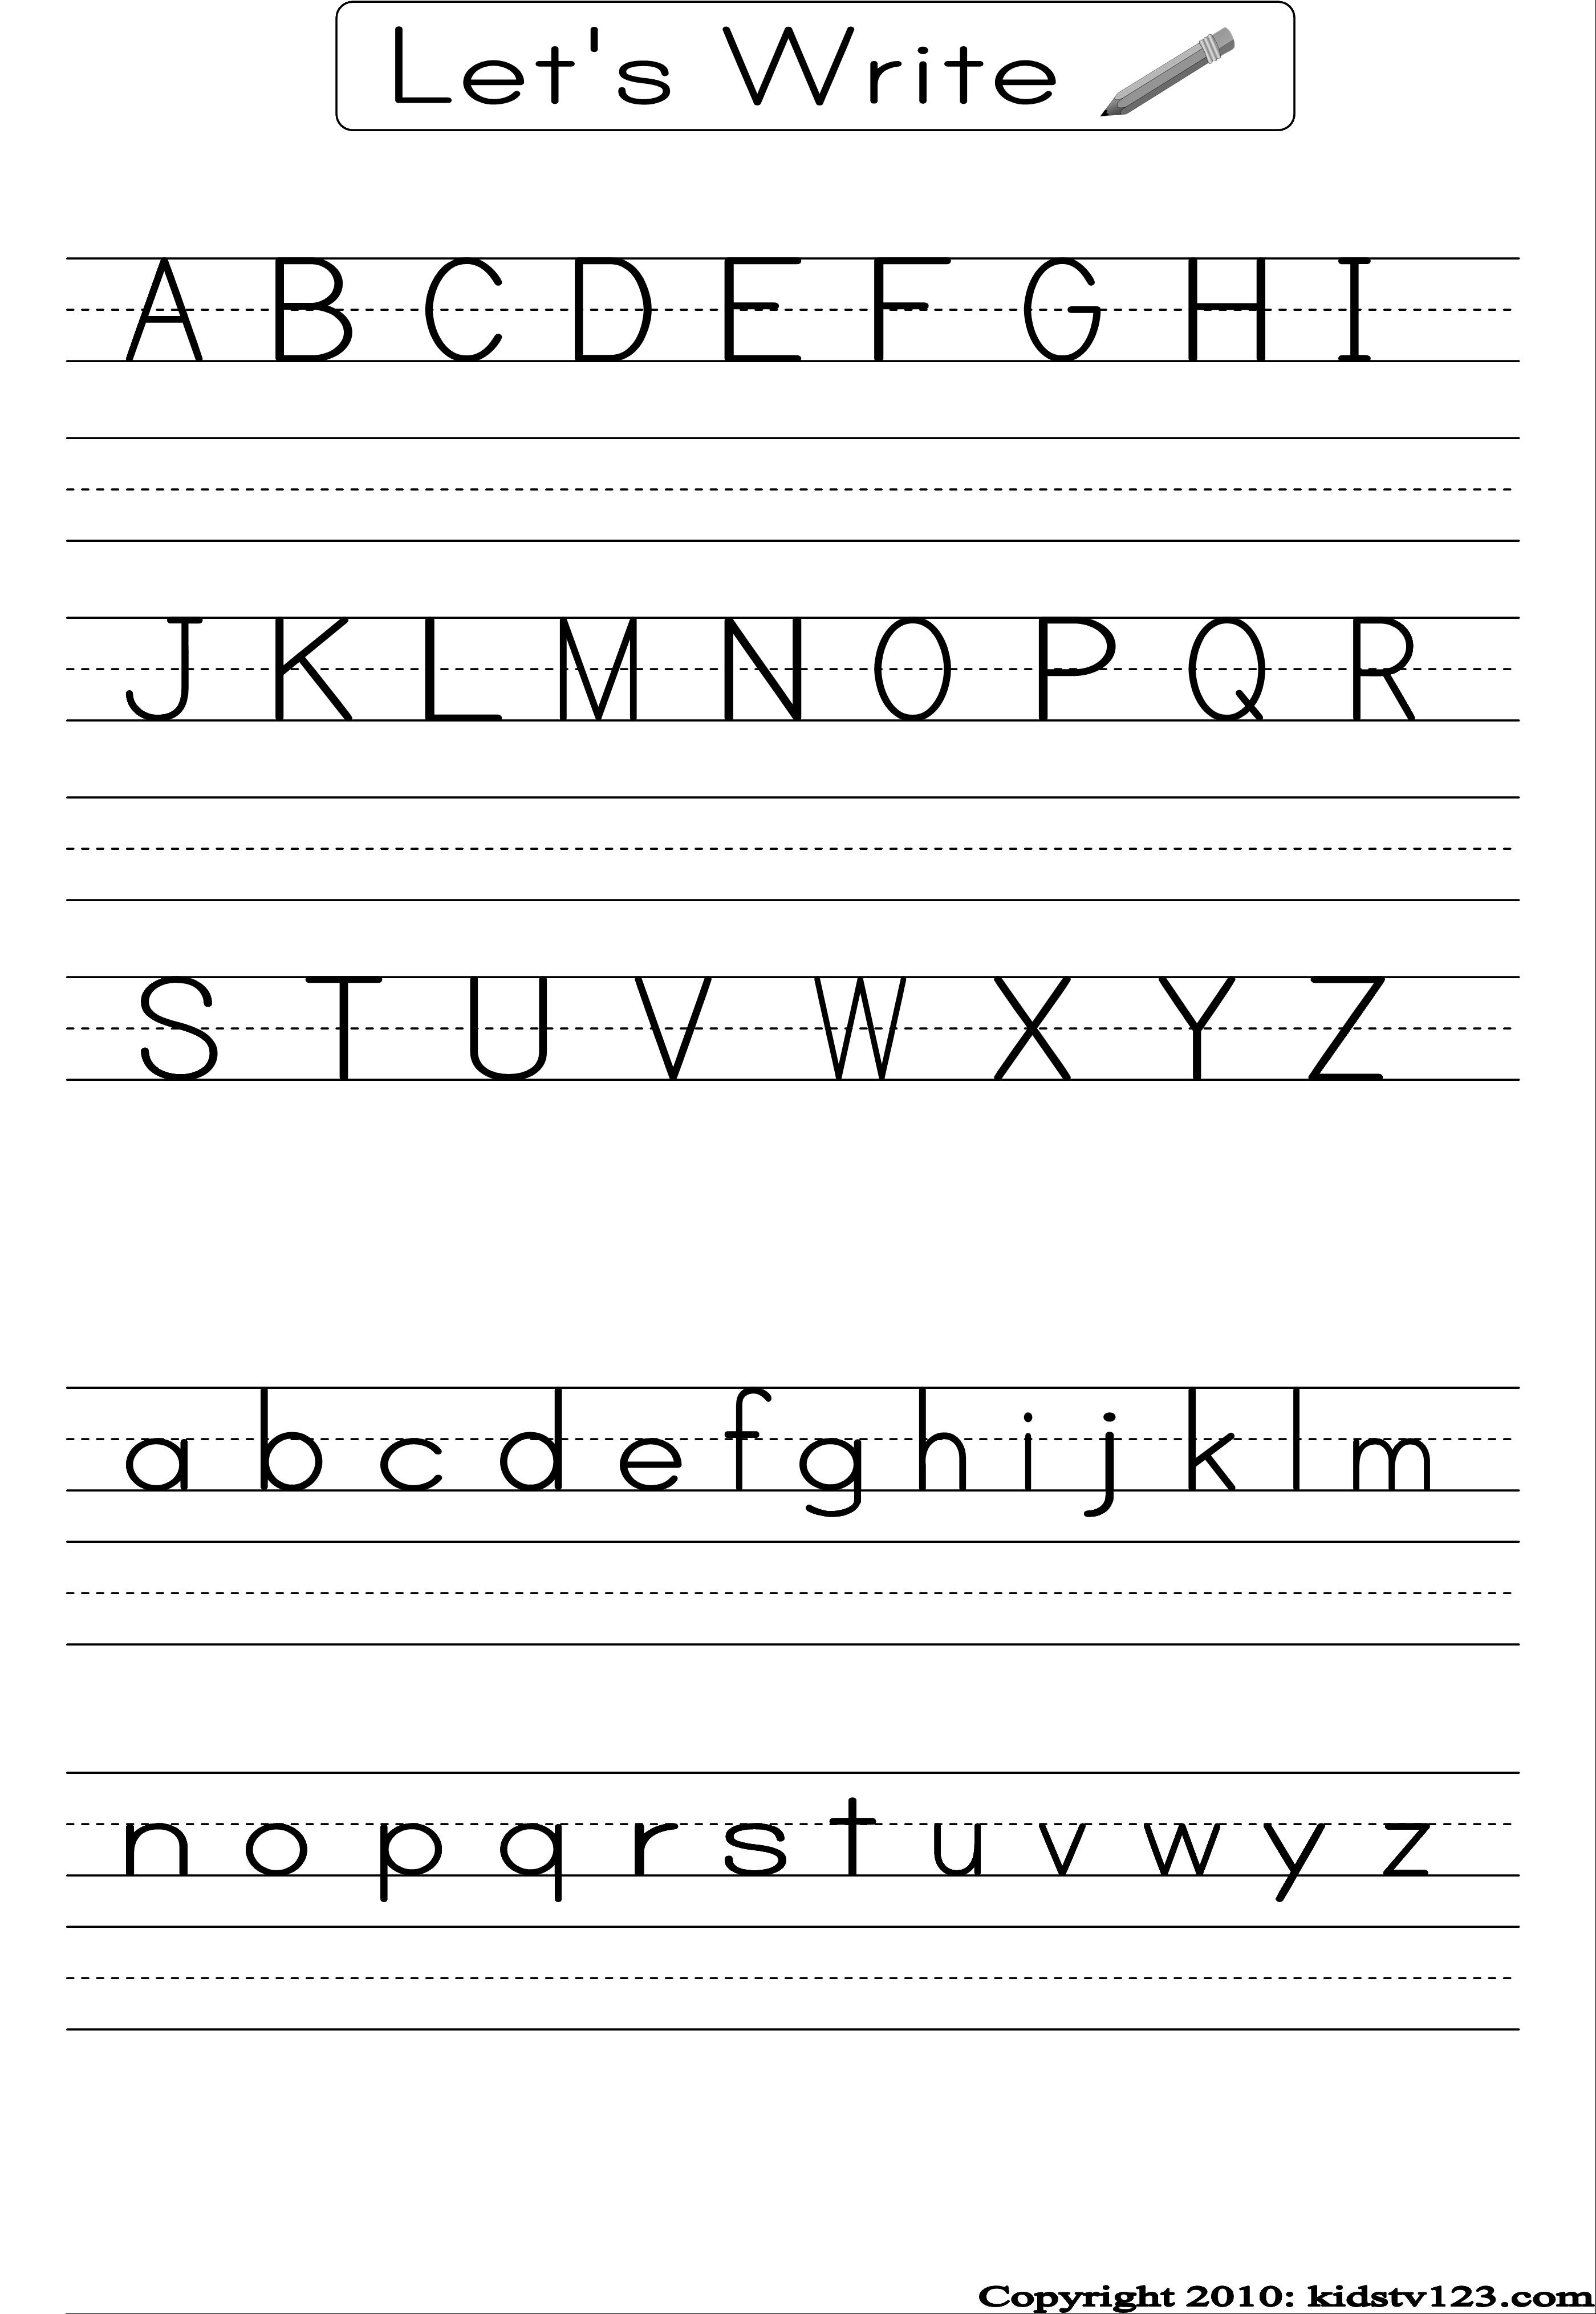 897502e4311627d8b756184483c0d2ea.png (2799×4057)   Alphabet writing  practice [ 4057 x 2799 Pixel ]